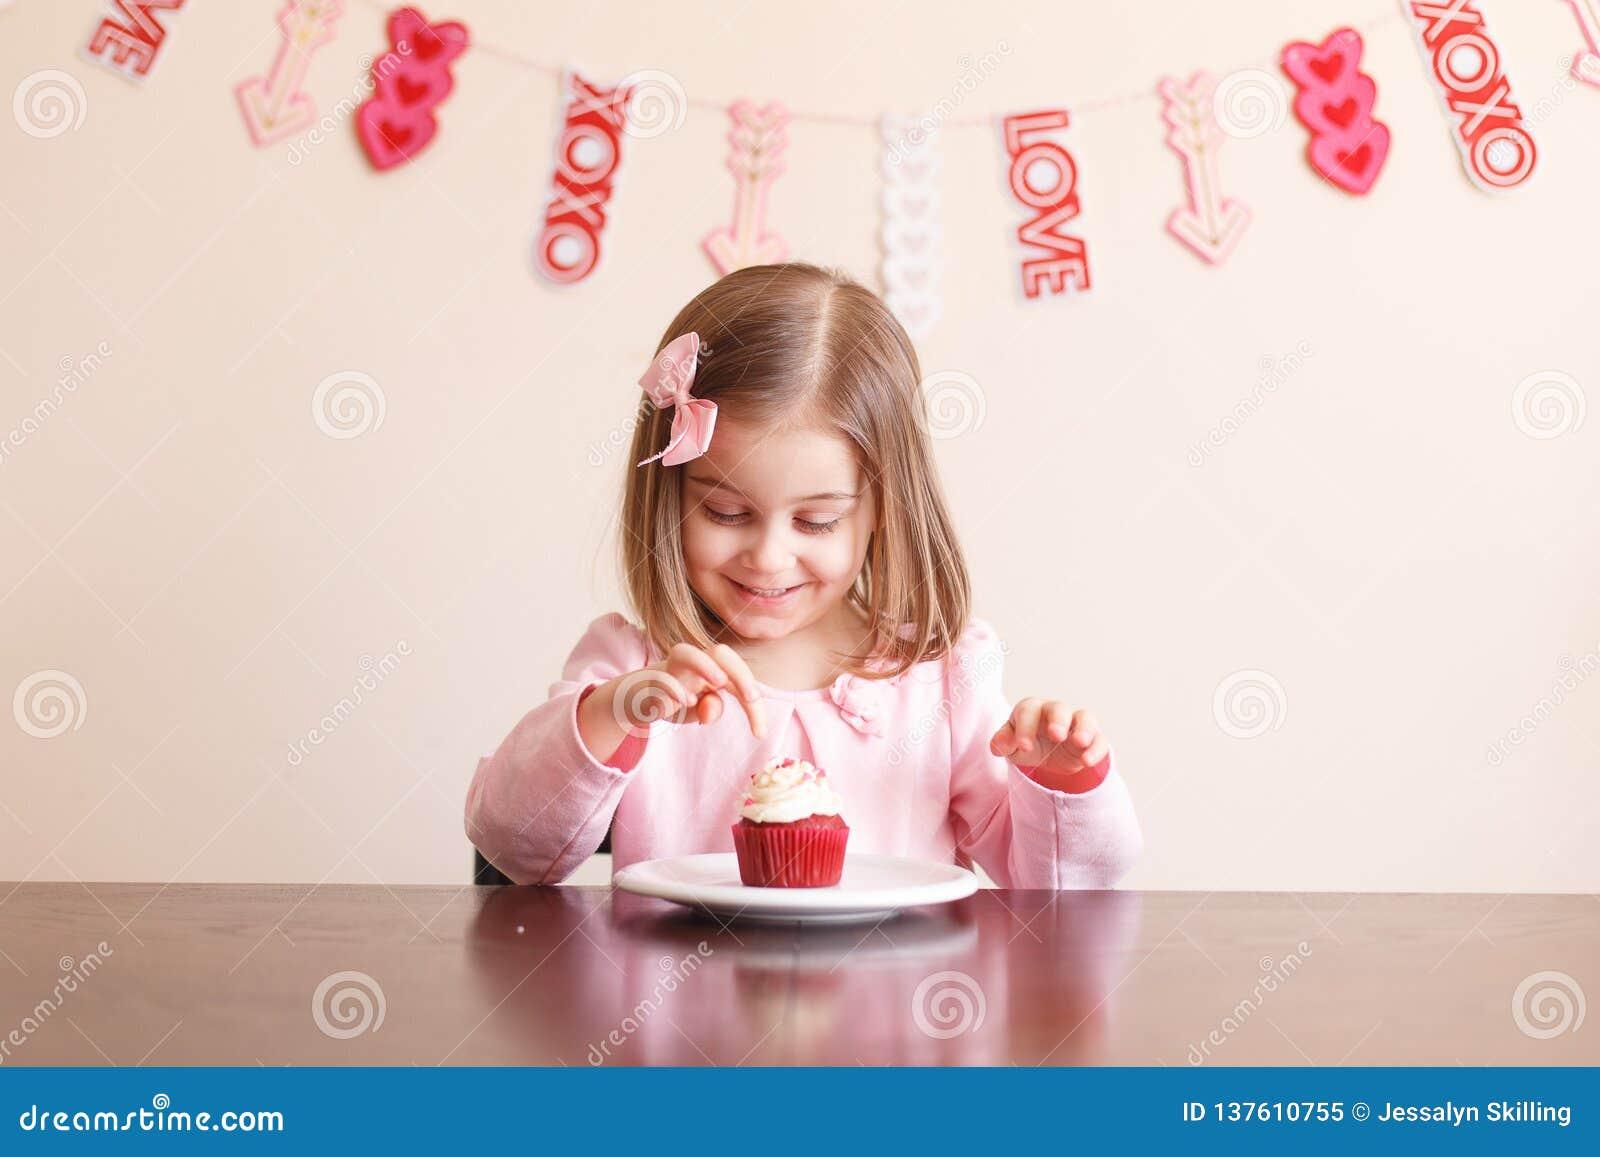 Kleines Mädchen des netten Valentinstags mit kleinem Kuchen